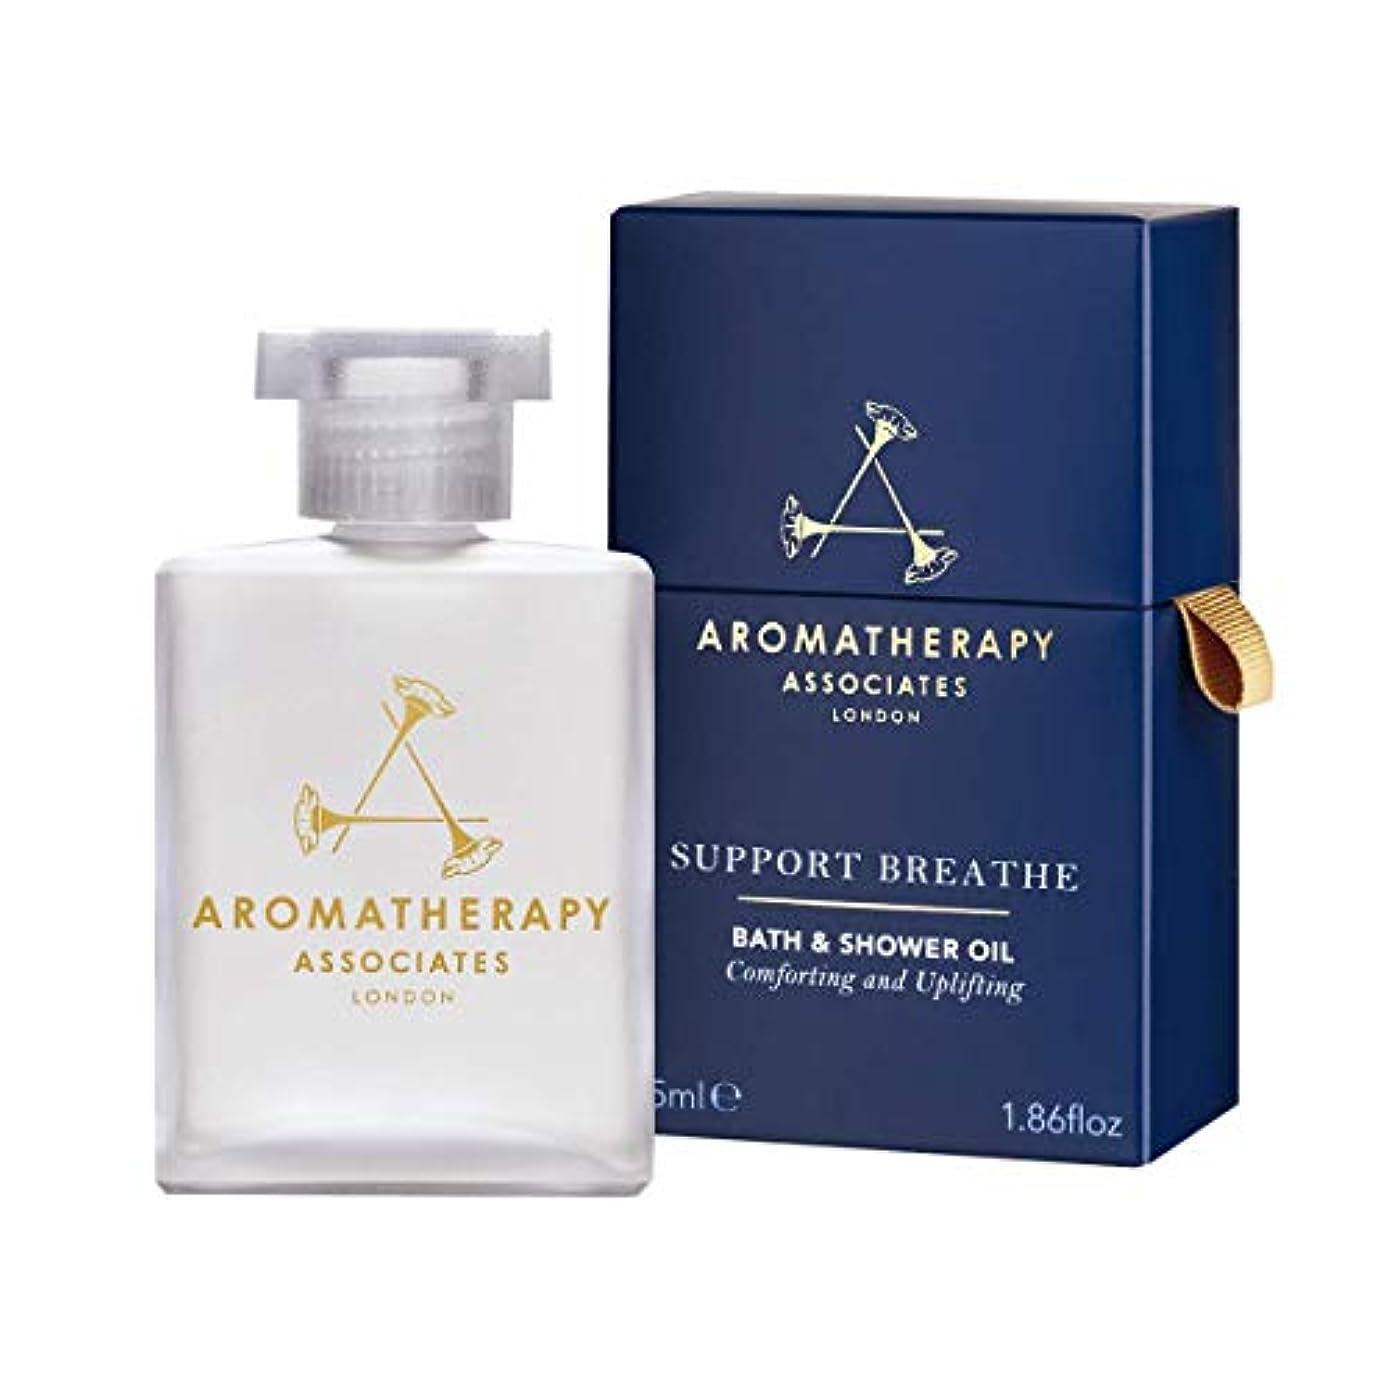 招待高揚した却下するアロマセラピー アソシエイツ(Aromatherapy Associates) サポート ブリーズ バスアンドシャワーオイル 55ml [海外直送品] [並行輸入品]